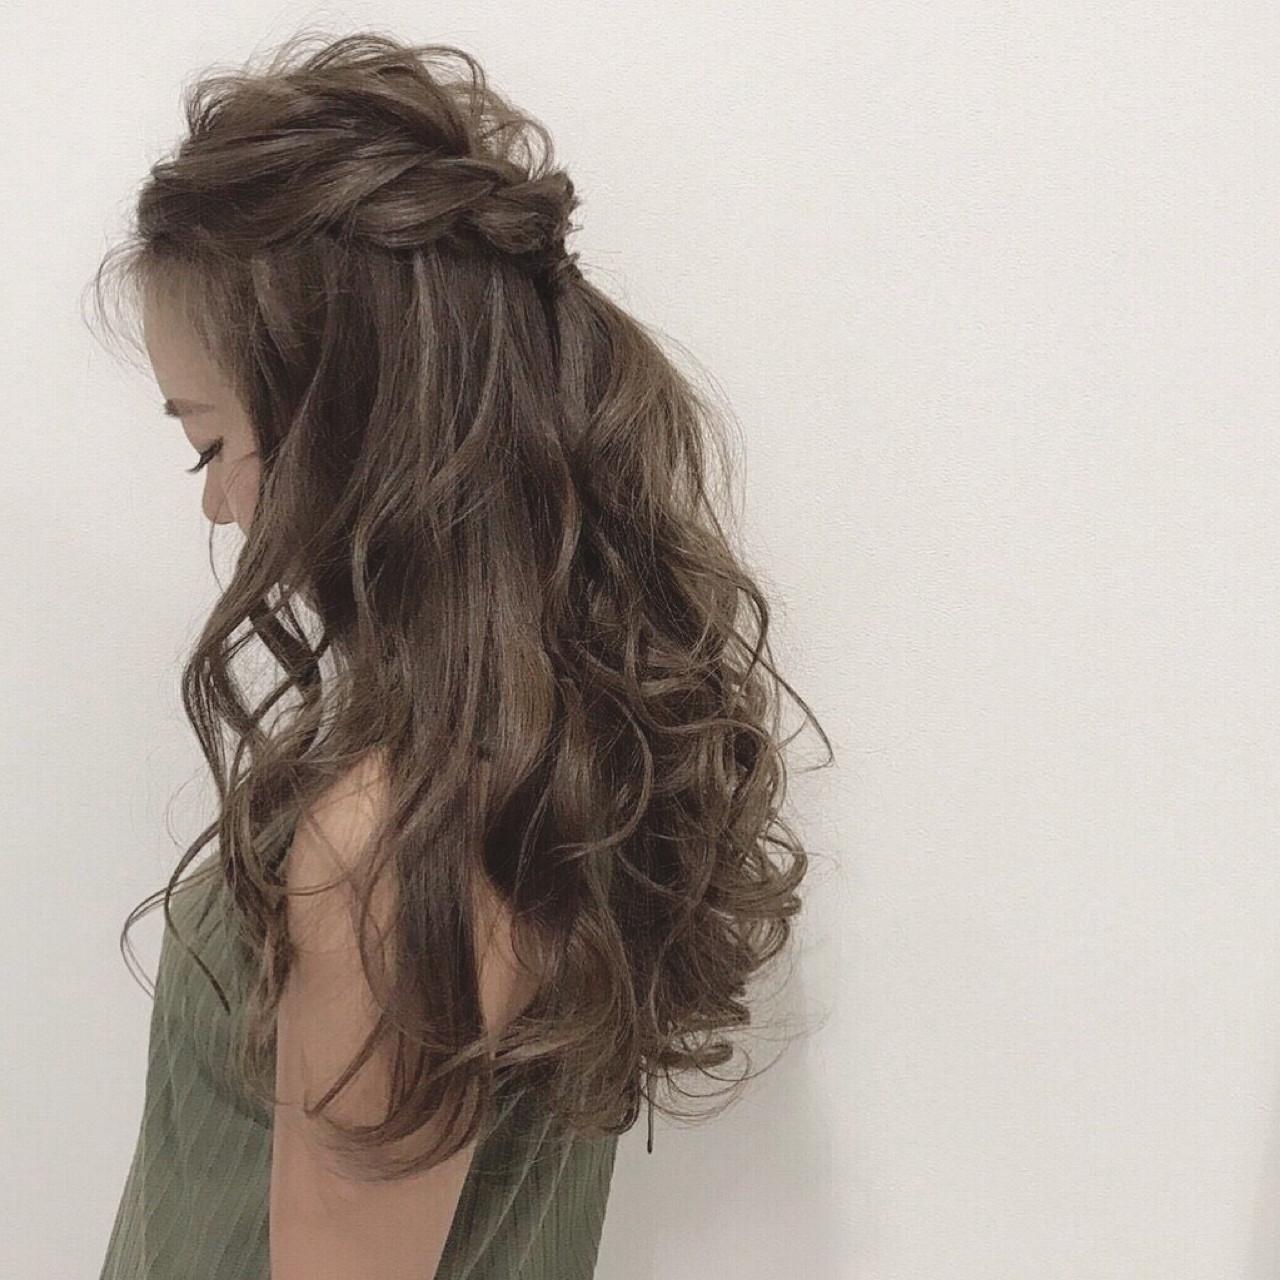 《レングス別》お呼ばれヘアで特別な自分に♡心奪われる髪型特集の28枚目の画像